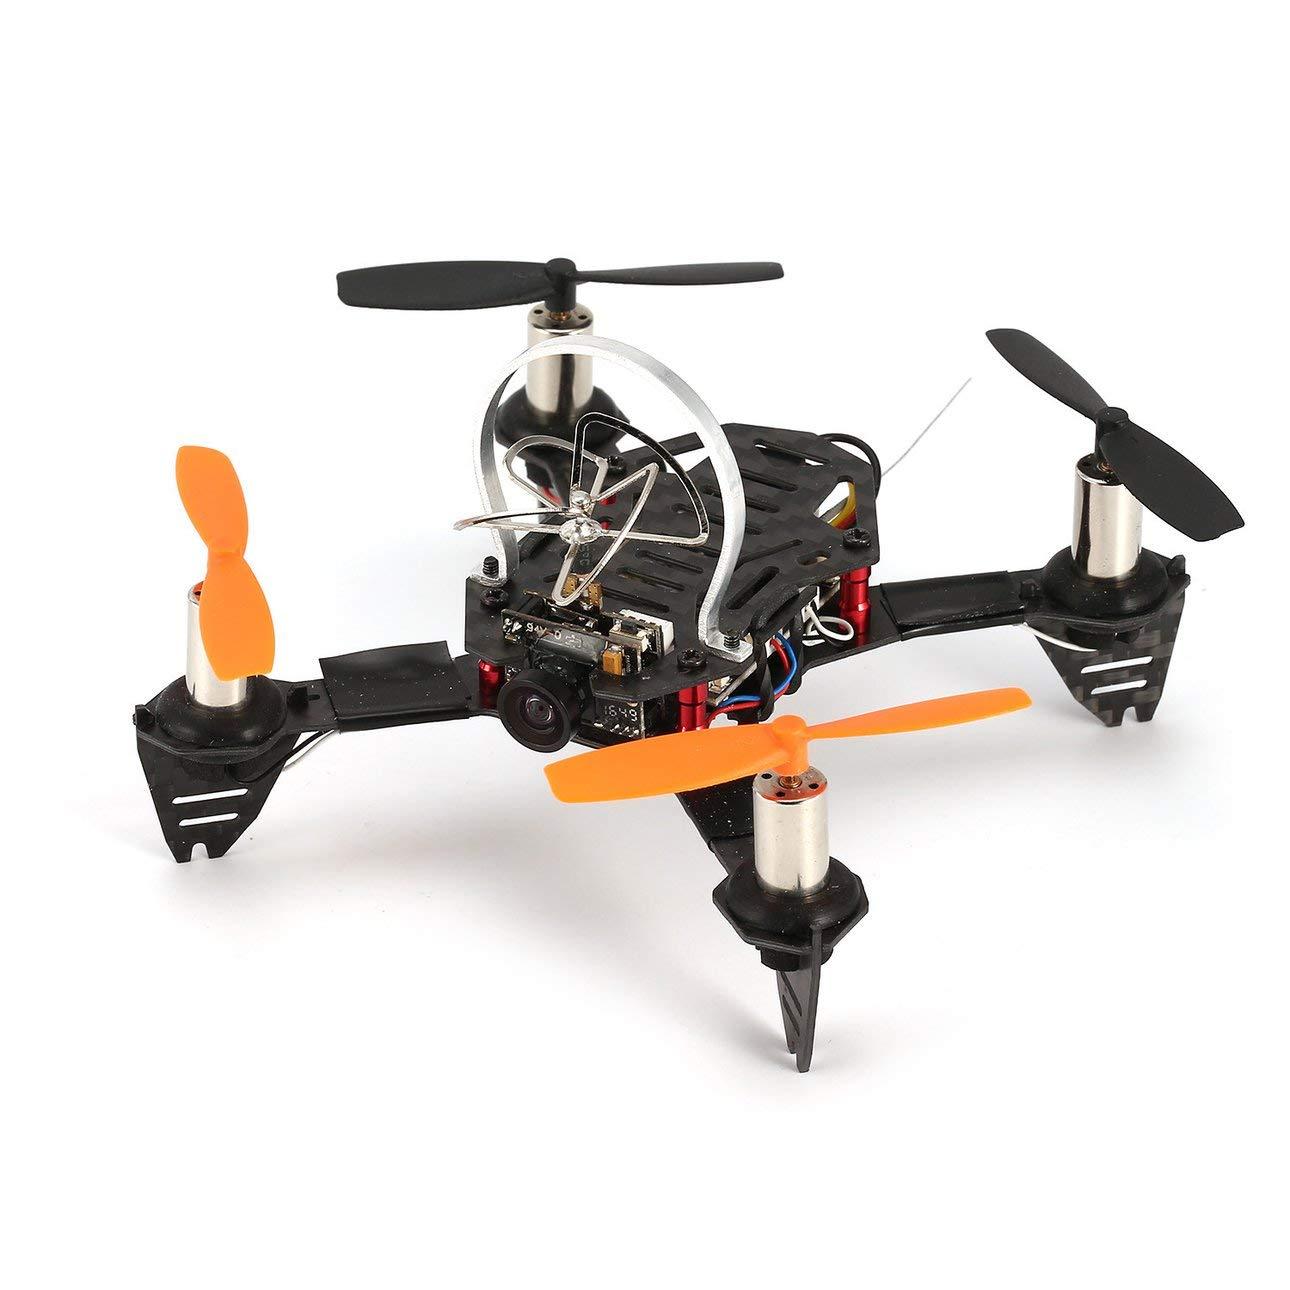 Ballylelly RC Drone with CameraRadiolink F110S Micro Racing Drone Quadcopter con Ricevitore R8FM Fibra di Carbonio 200mW 40CH FPV Camera BNF ad Alta velocità